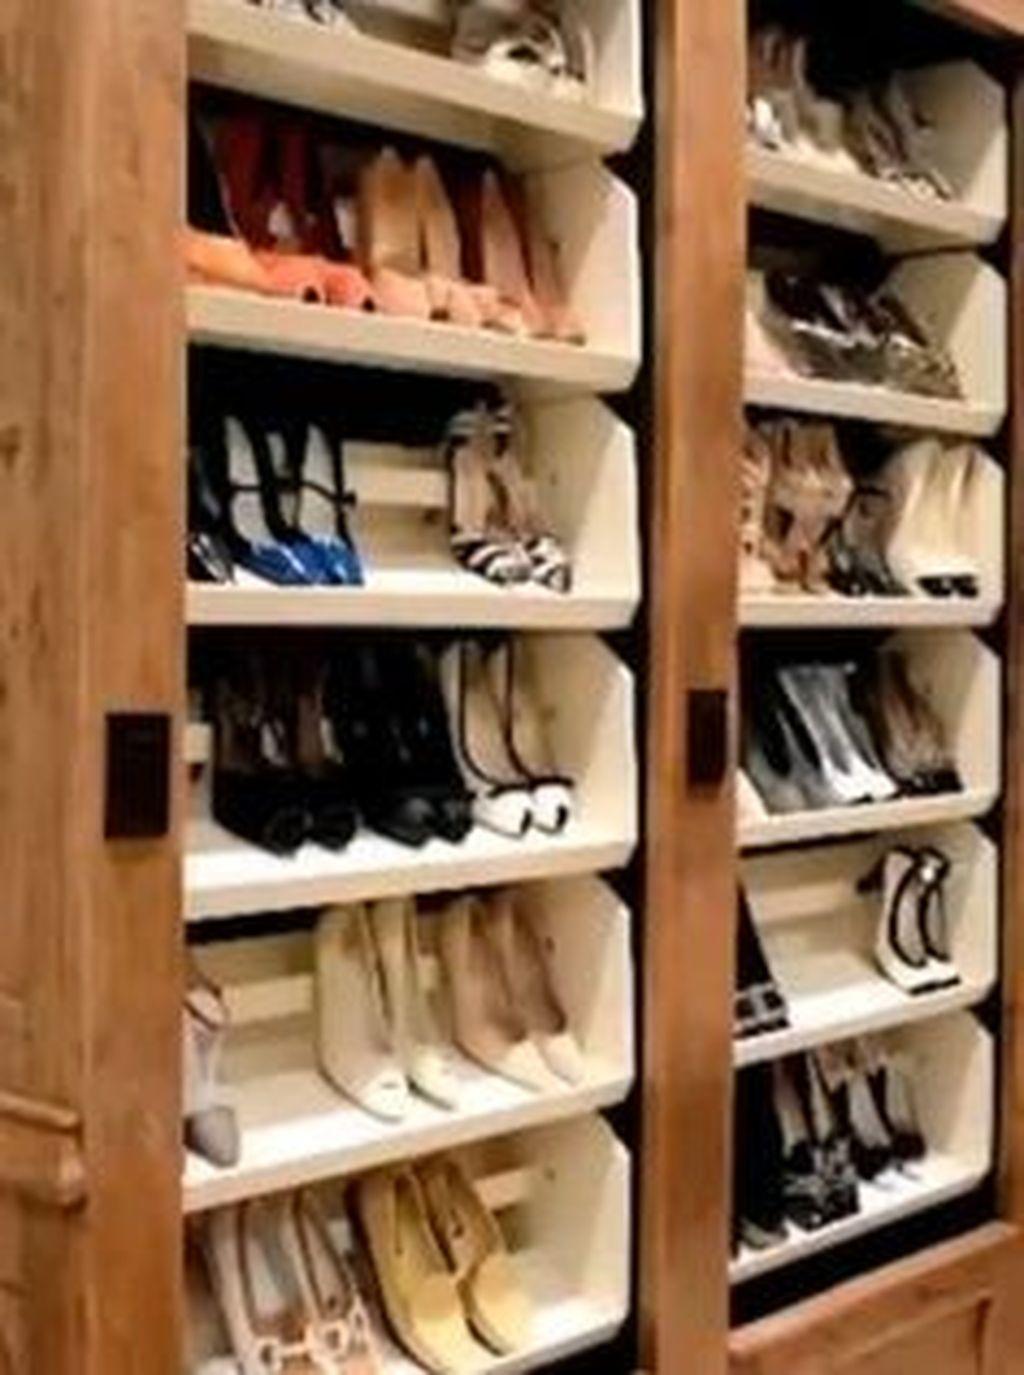 32 Luxury Antique Shoes Rack Design Ideas To Try Right Now Antique Design Idea Antique Design Idea Ideas In 2020 Diy Schuhregal Schrank Schuhablage Schuhregal